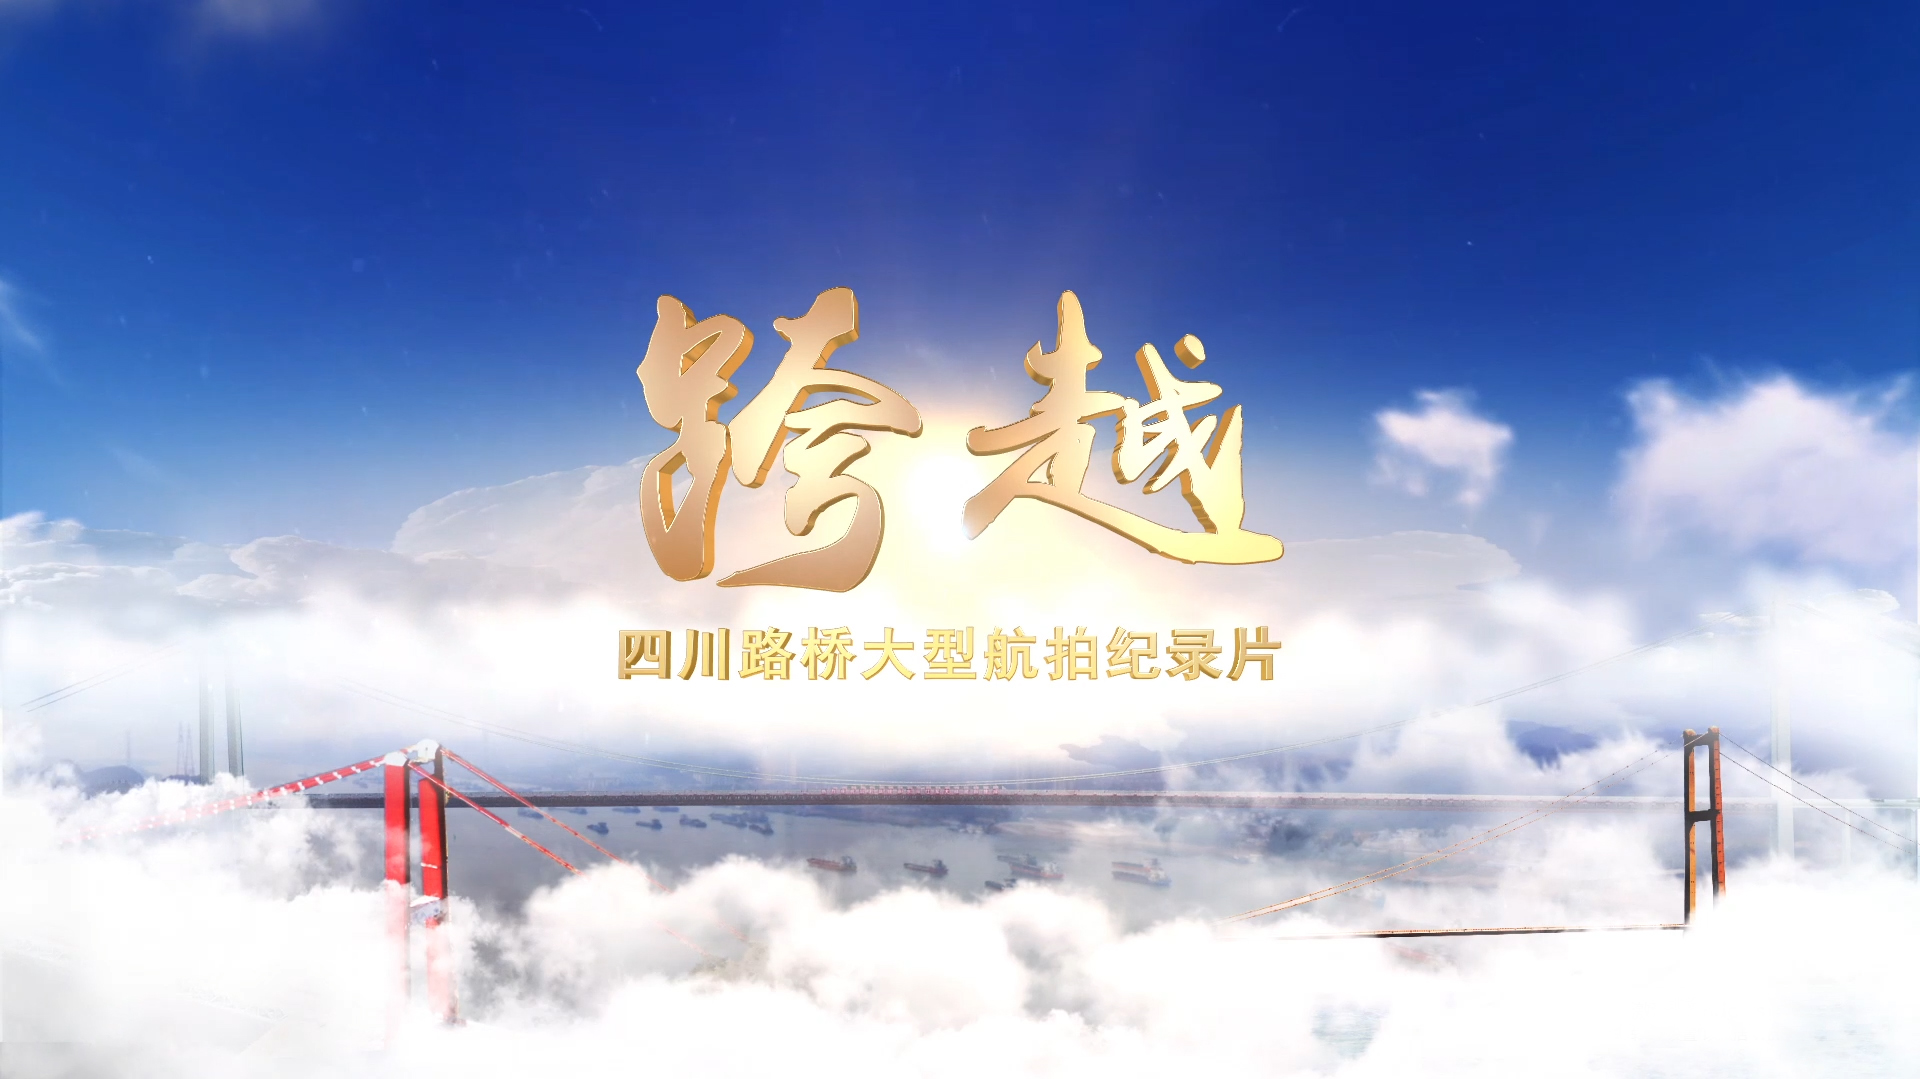 每一帧都是大片!与您分享四川路桥大型航拍纪录片——《跨越》